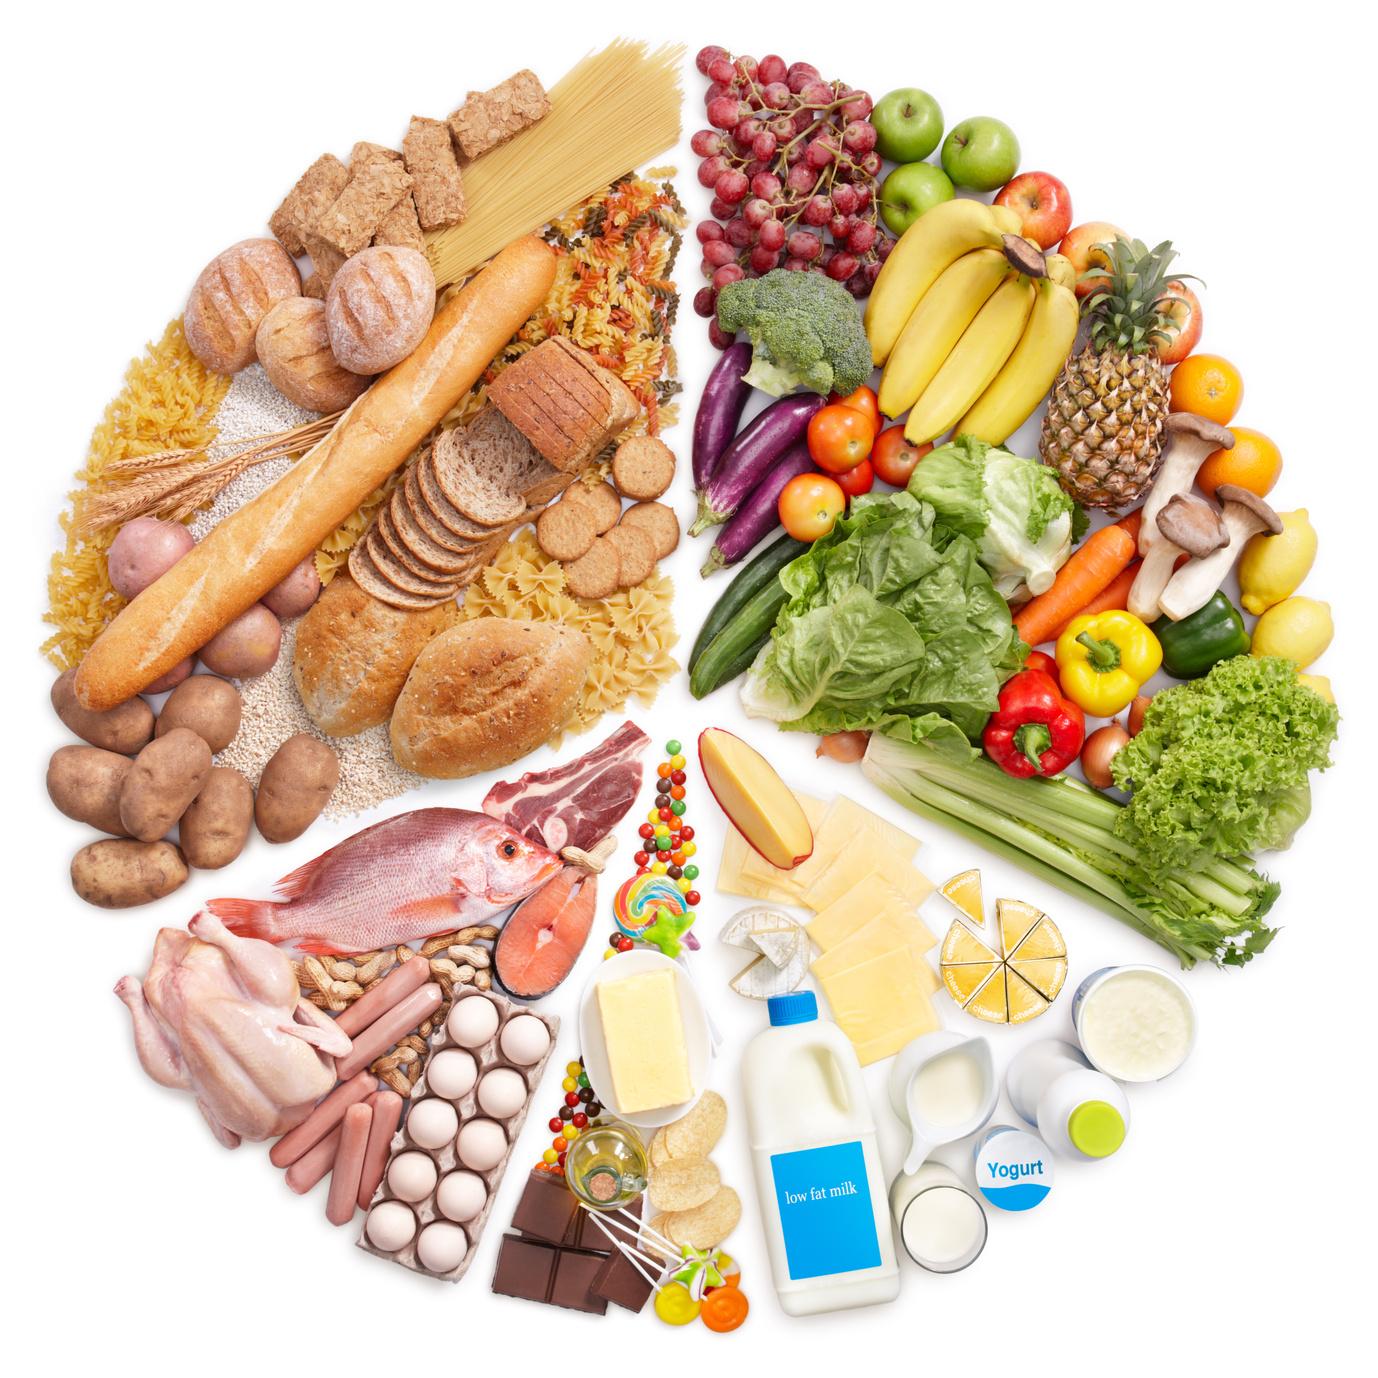 منابع پروتئین های گیاهی و حیوانی